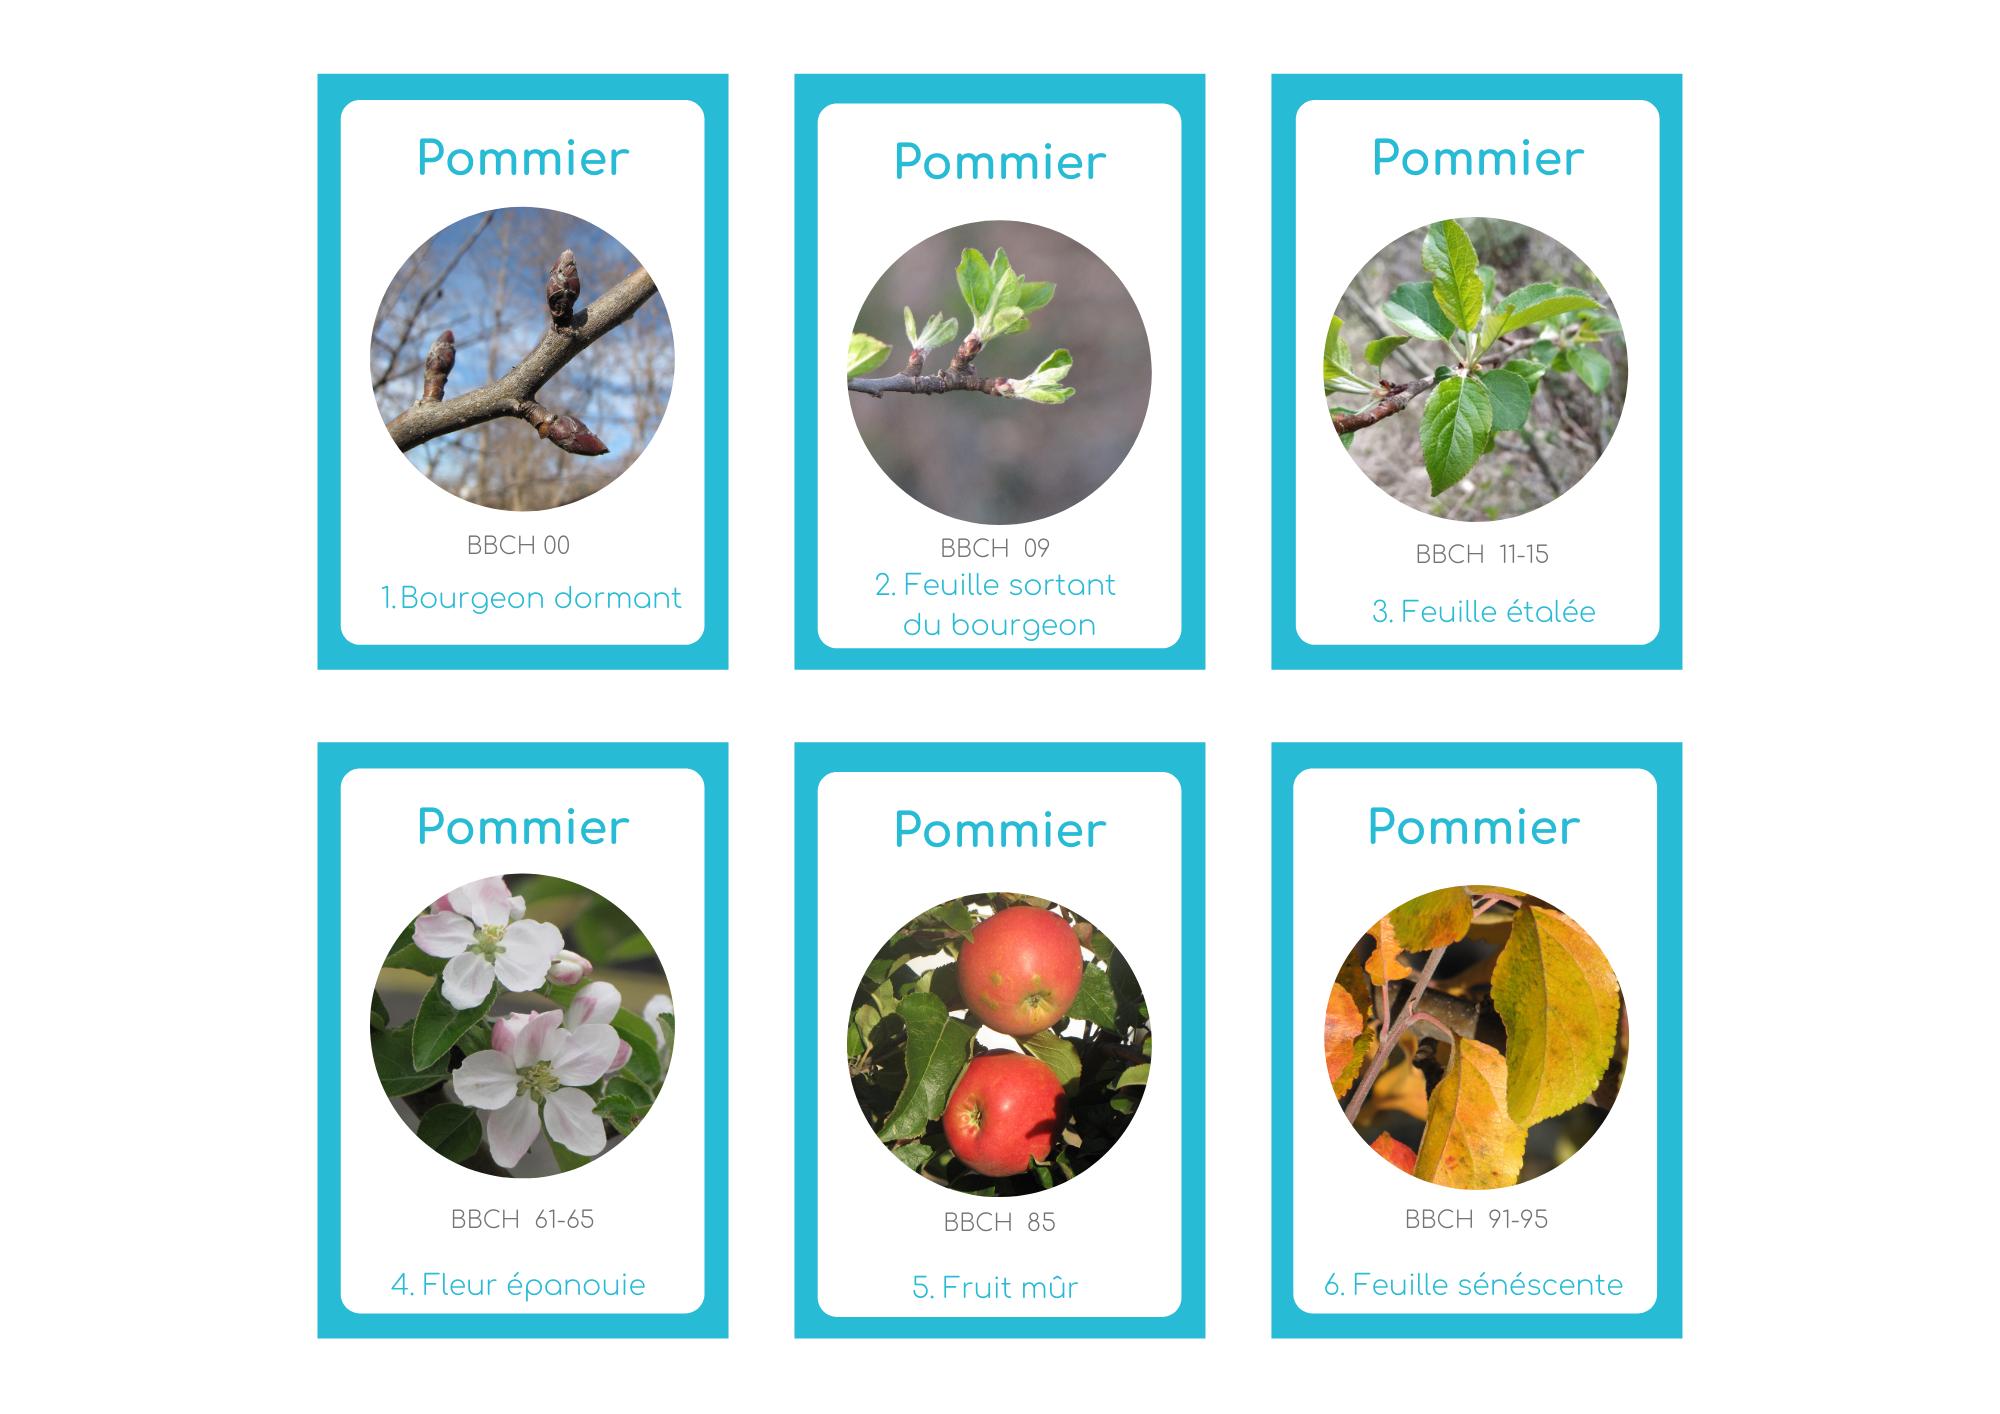 Jeu Des 7 Familles Sur Les Rythmes Saisonniers Tela Botanica